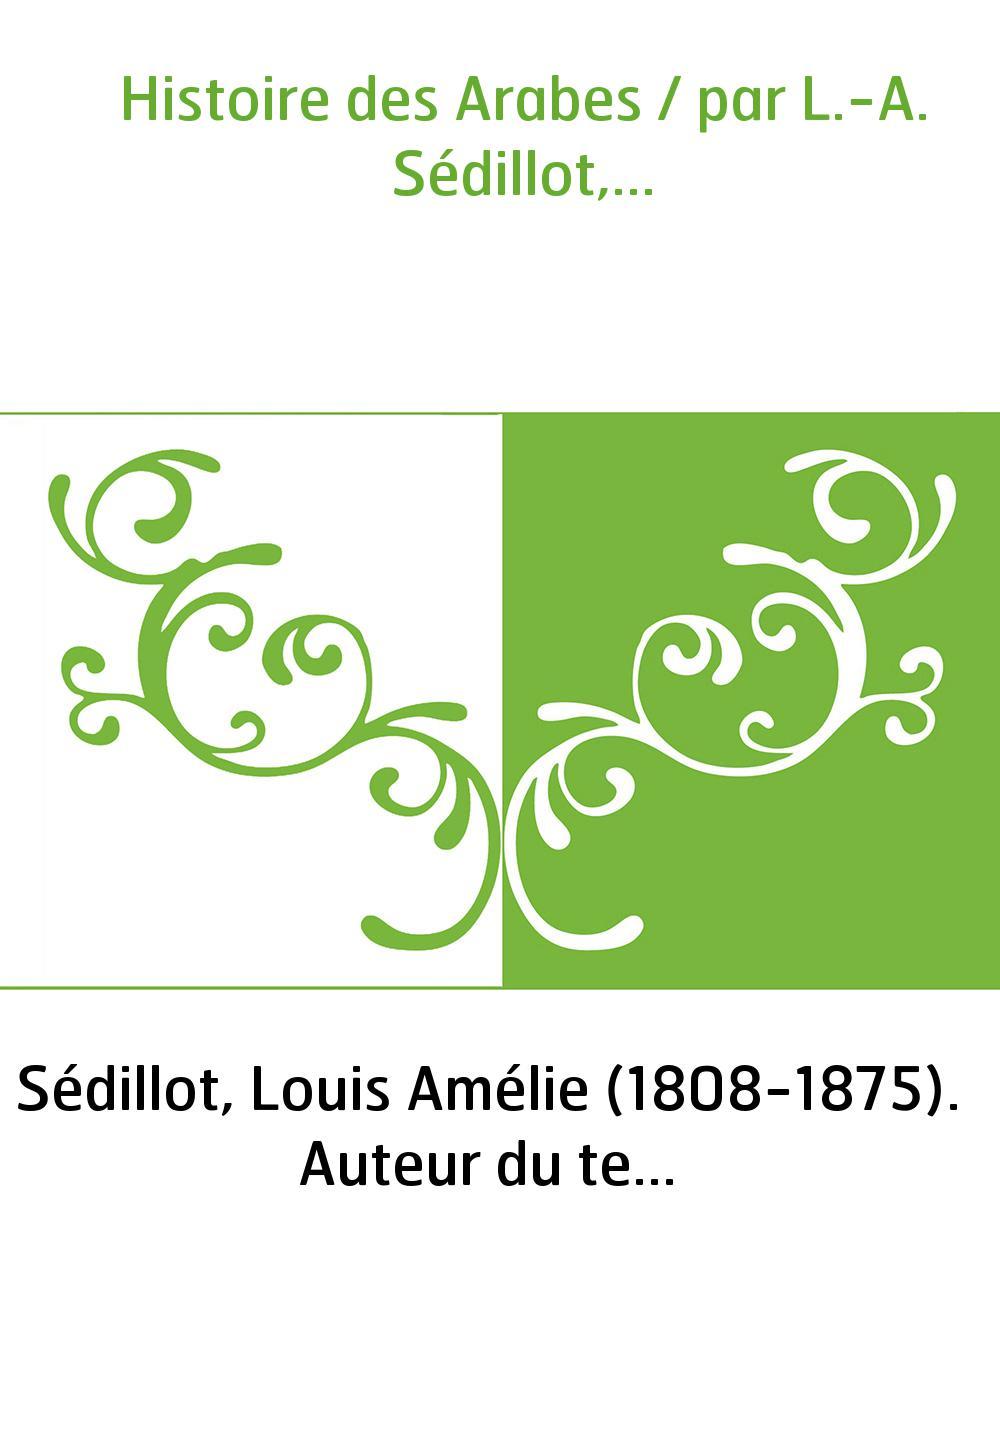 Histoire des Arabes / par L.-A. Sédillot,...